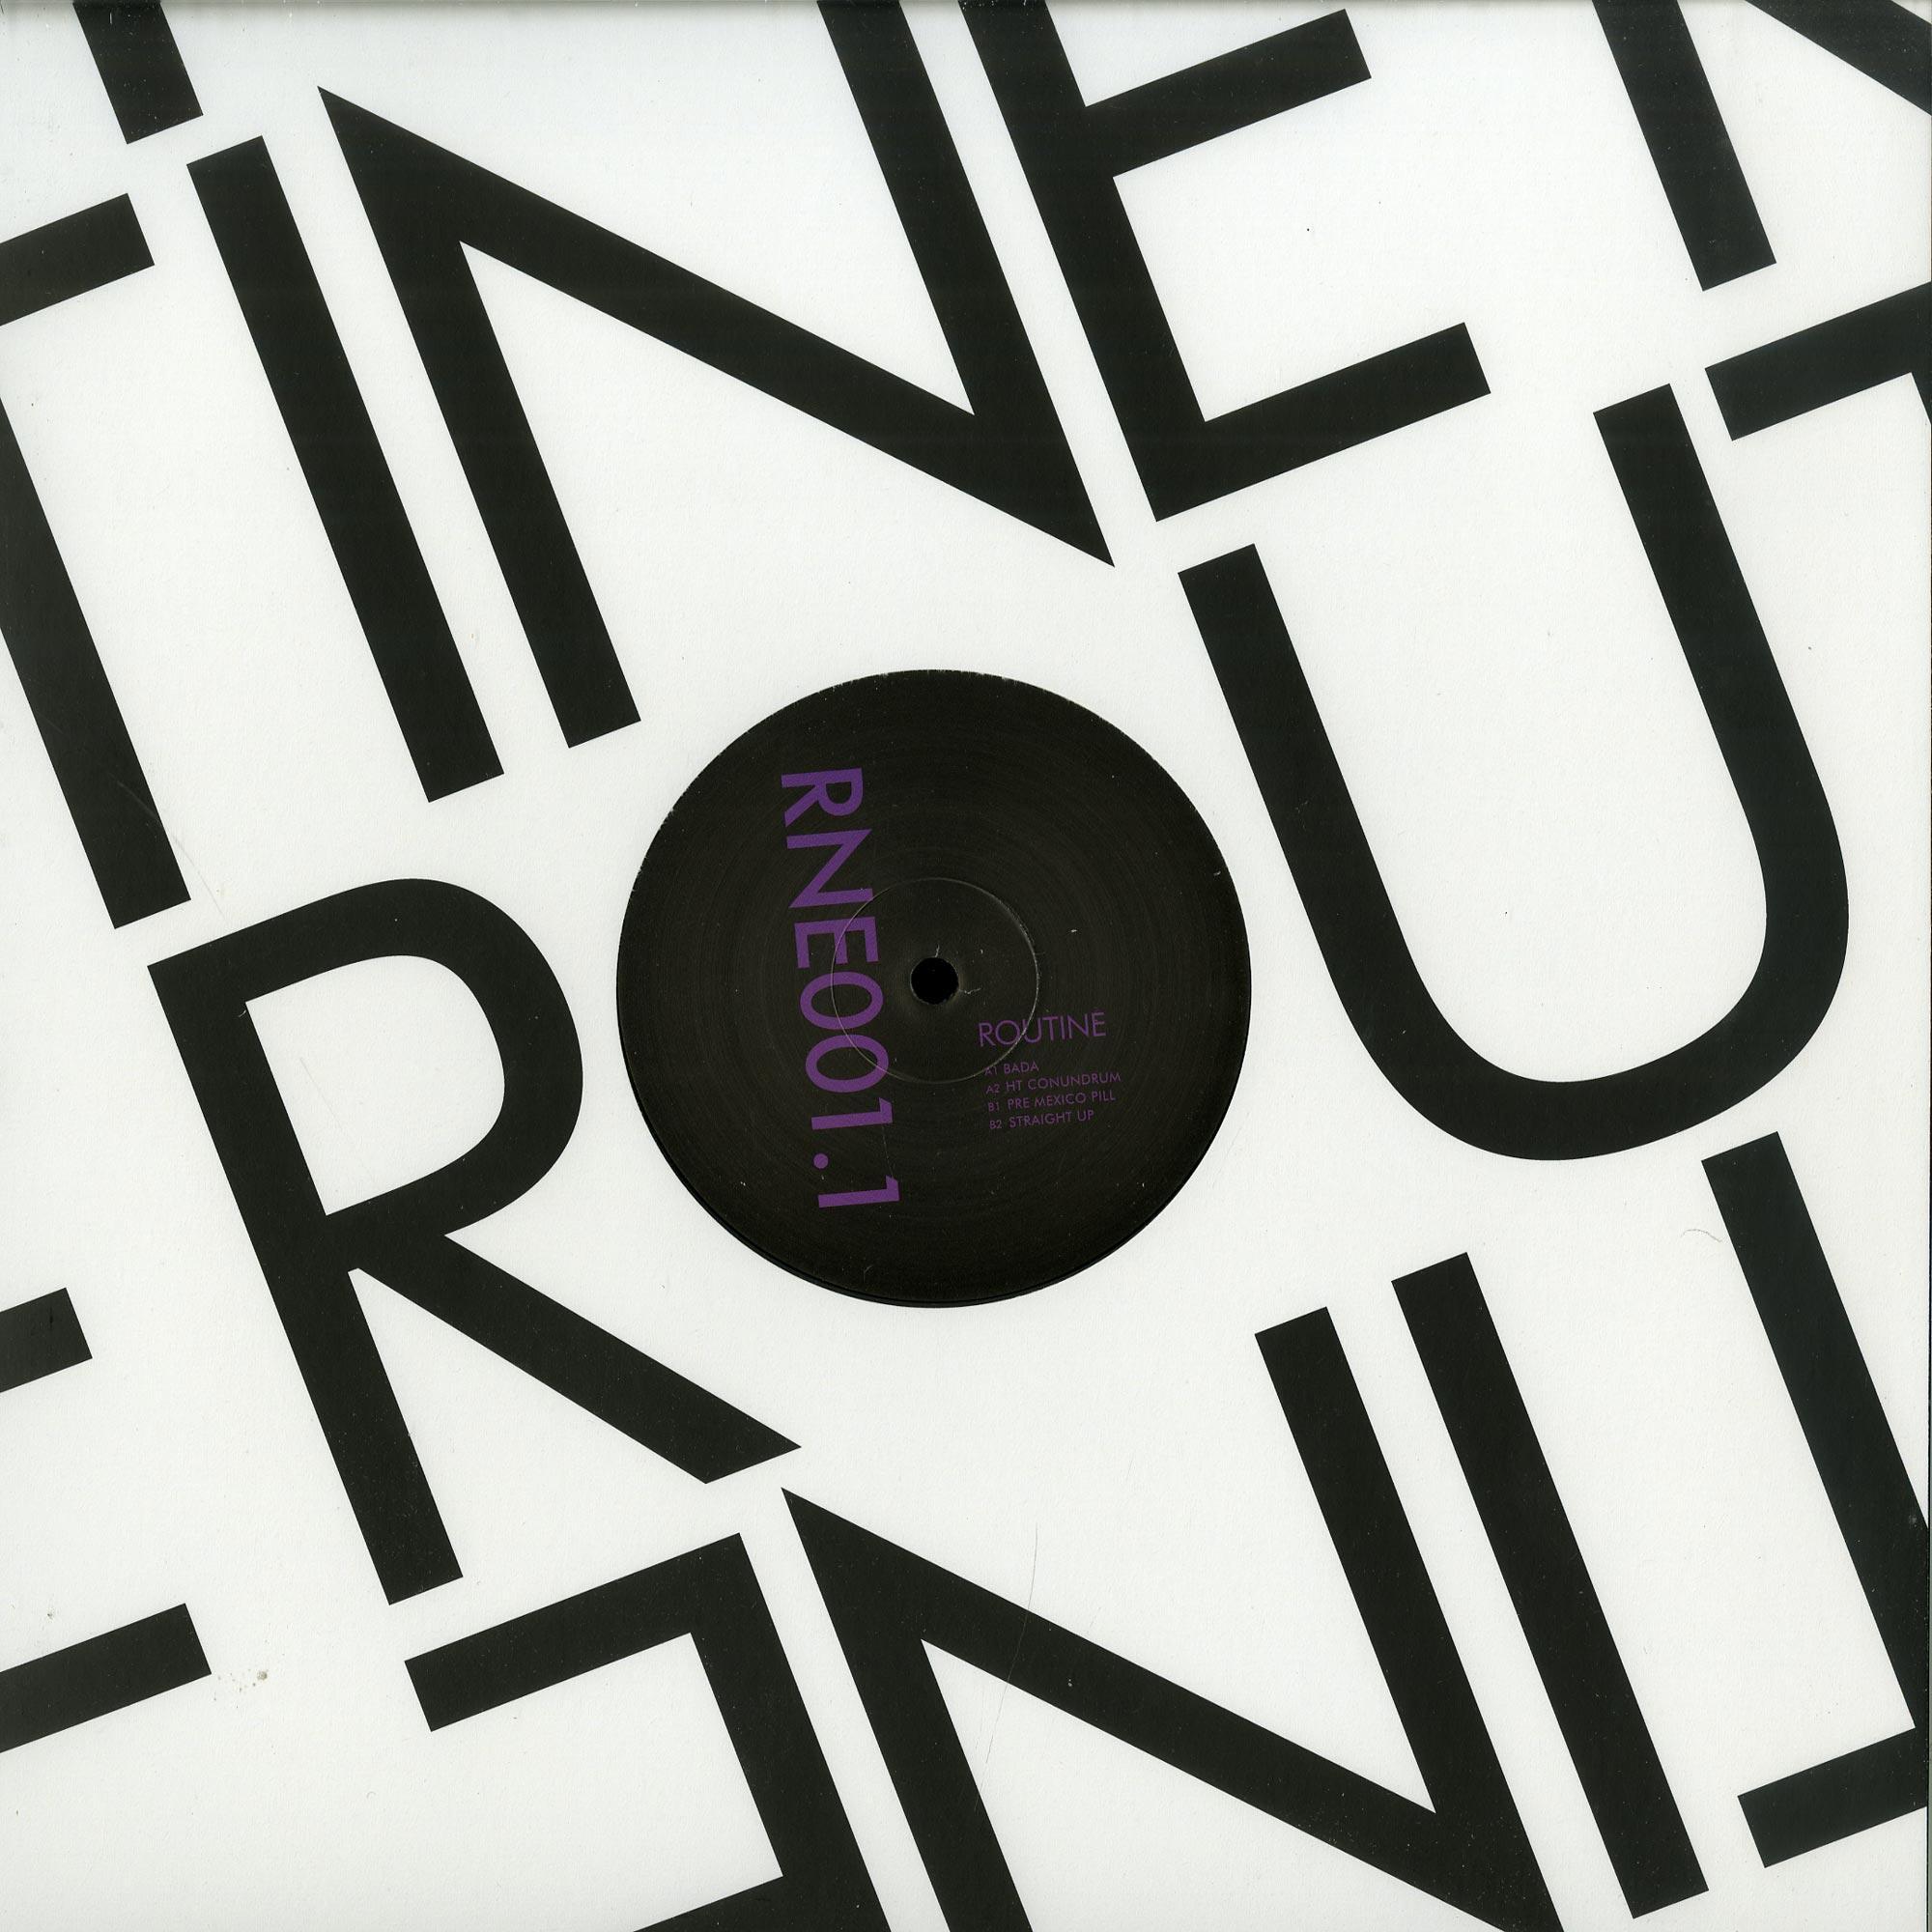 Routine - 0011